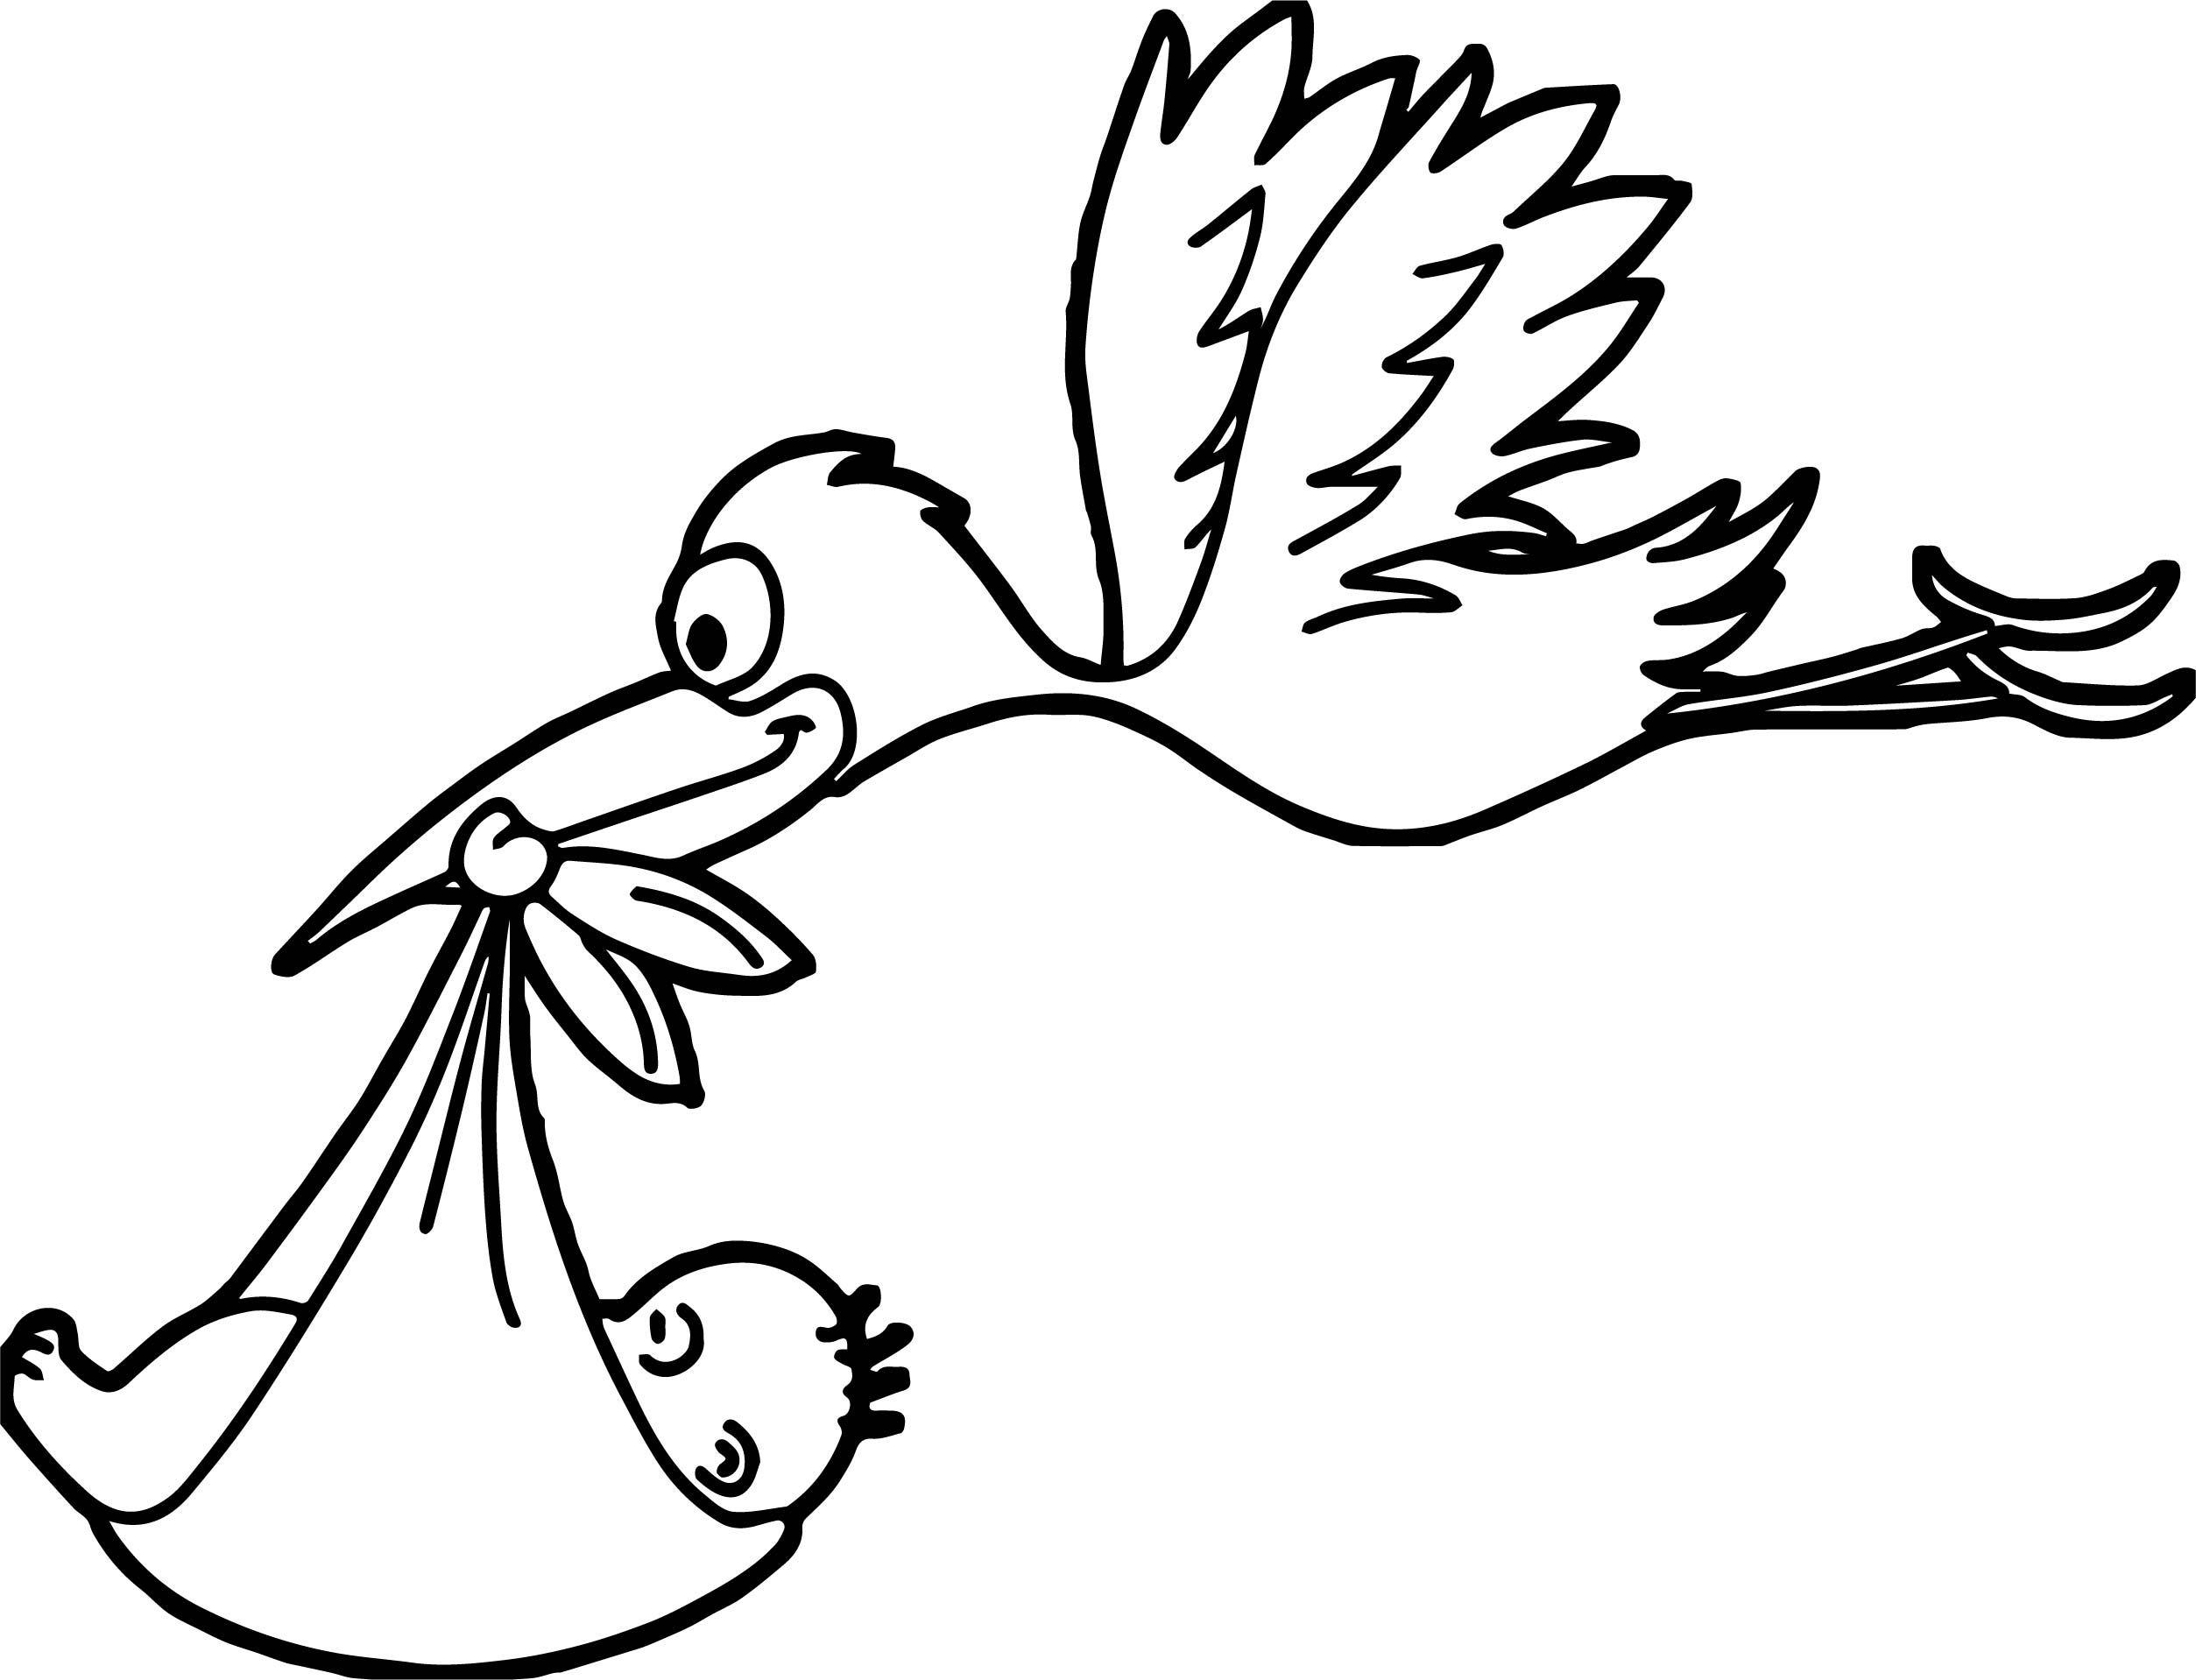 Storch Zum Ausmalen - kinderbilderdownload kinderbilder